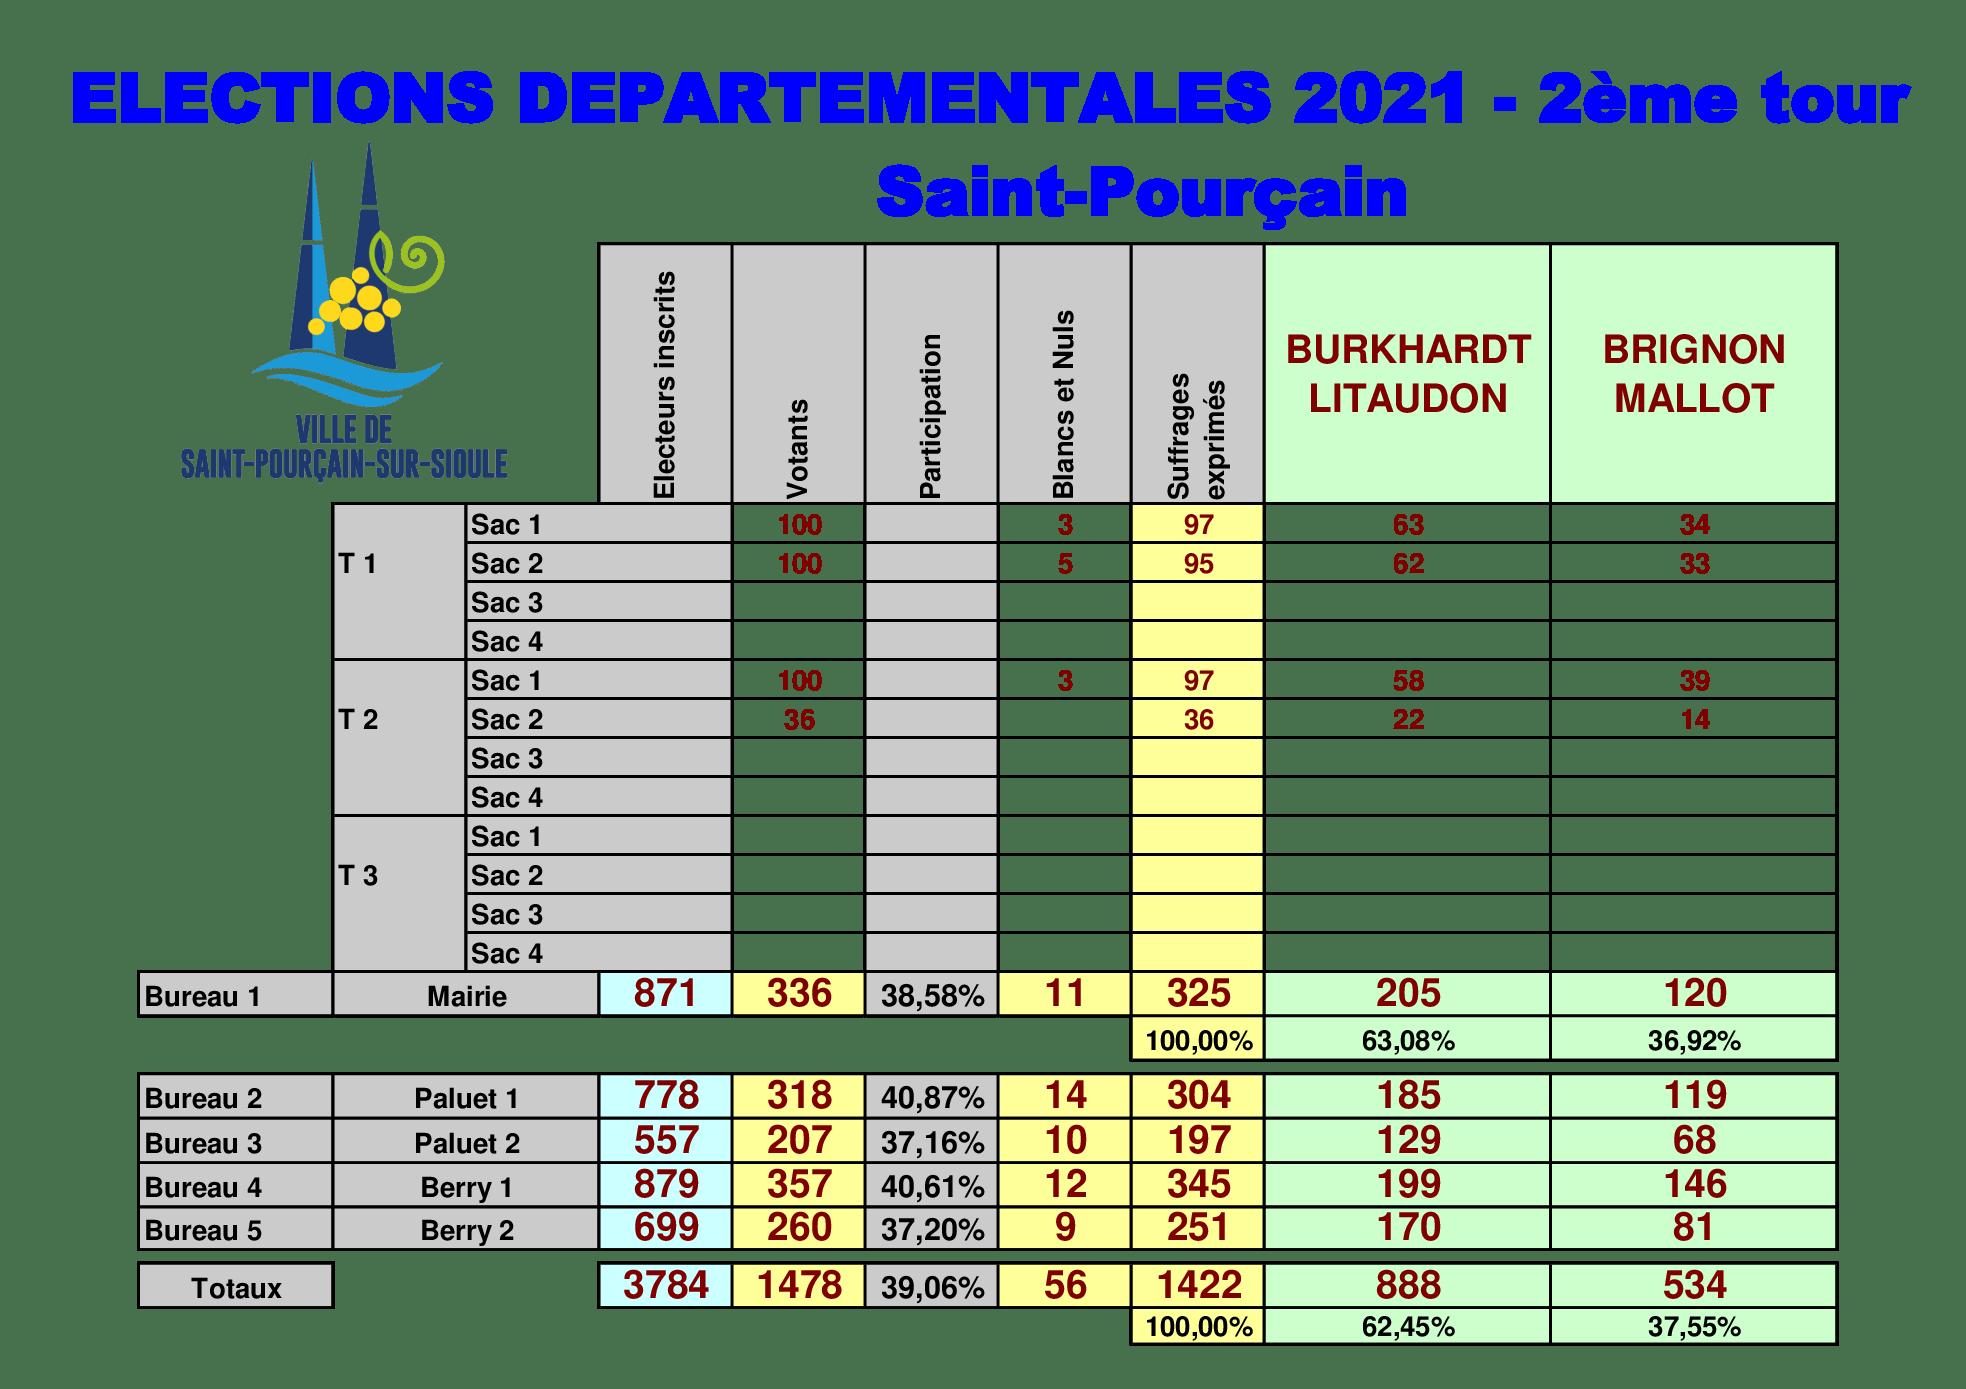 Résultat du deuxième tour des élections départementales le 27 juin 2021